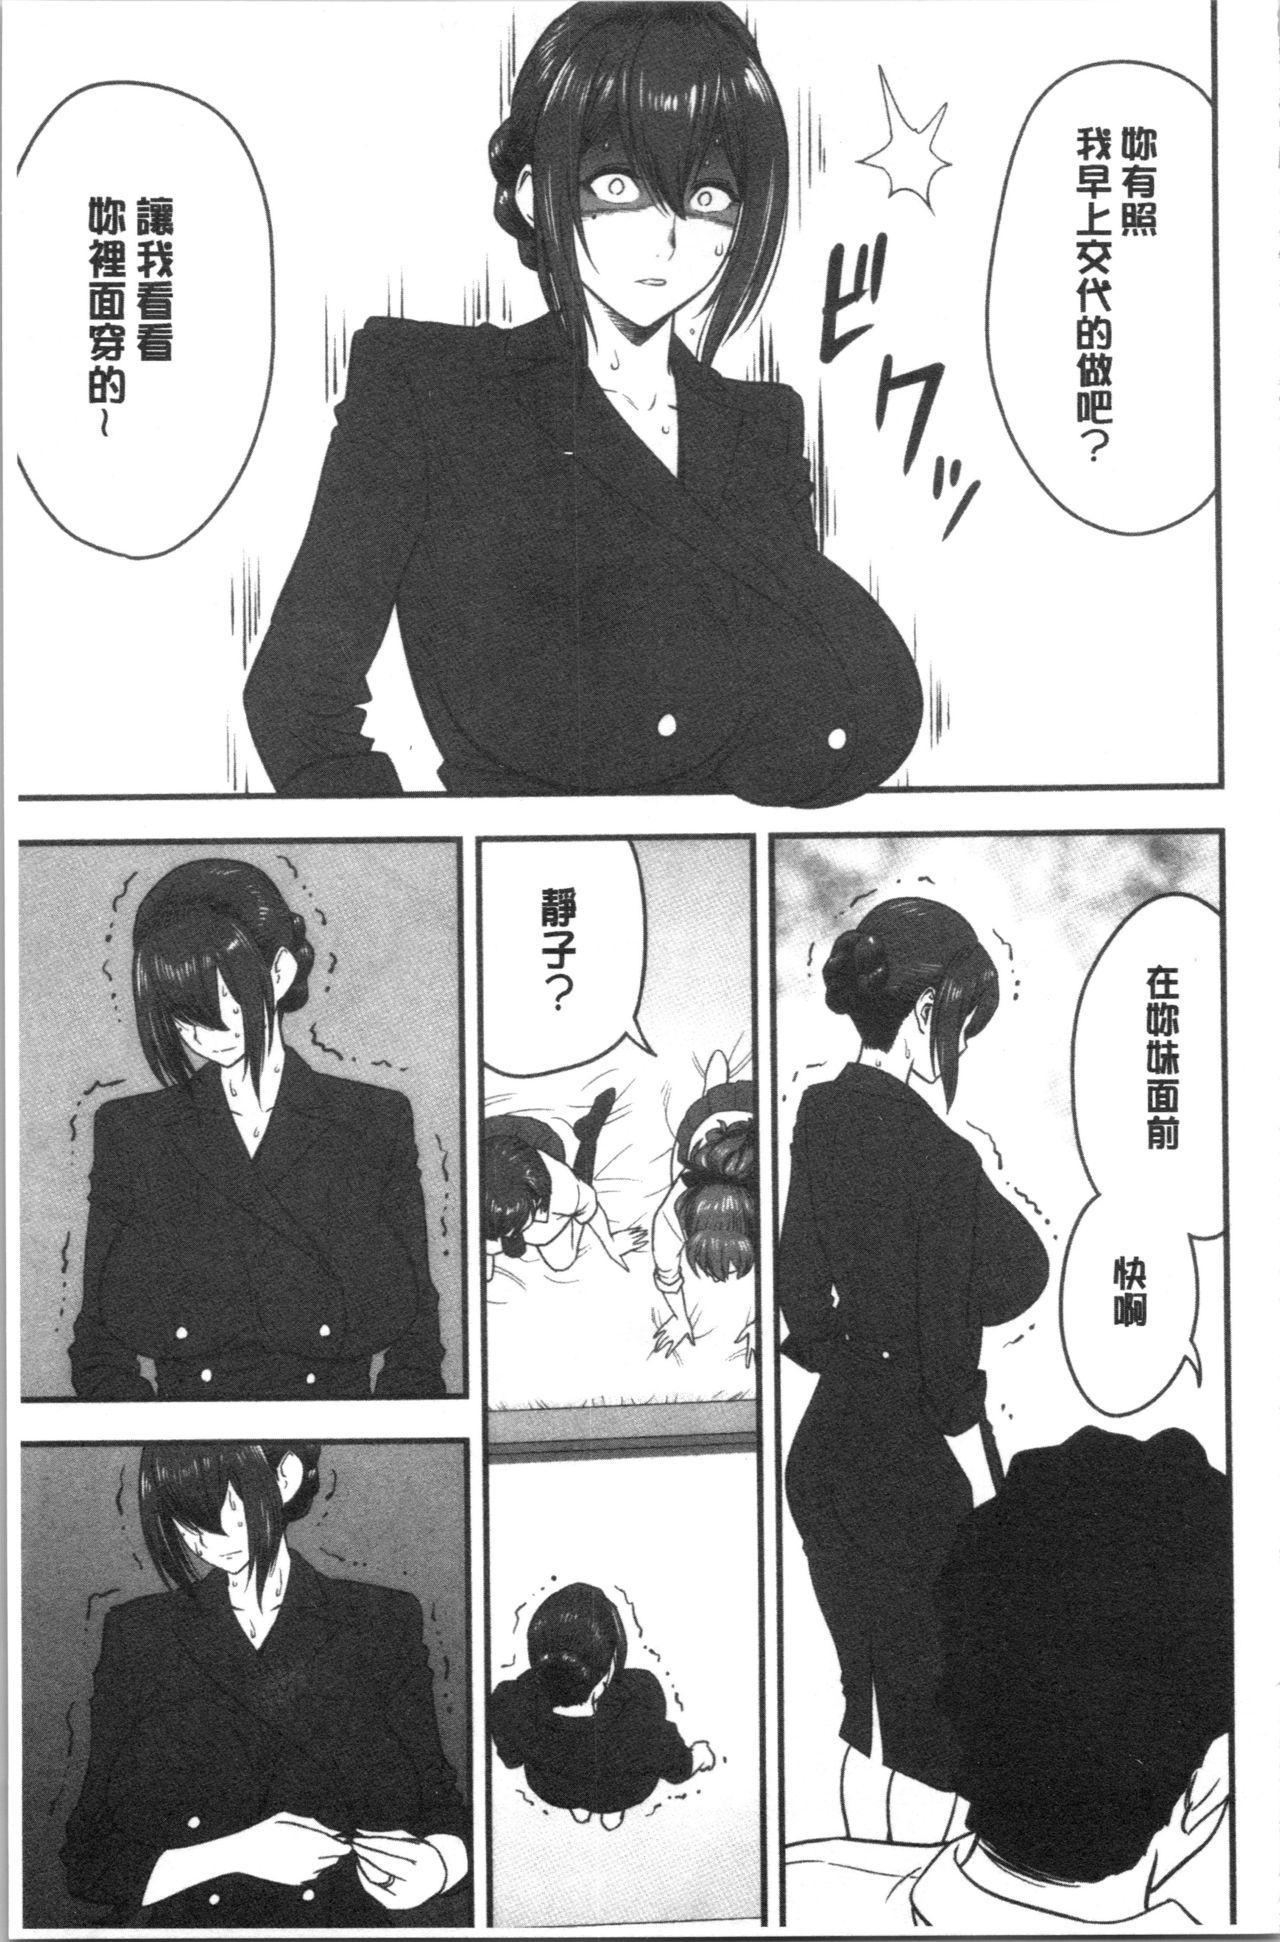 [Tatsunami Youtoku] Dankon Sousai -Hitozuma Kyoushi ga Netorareru made no Kiroku- | 男根想妻 -人妻女教師被寢取偷吃為止的記錄- [Chinese] 171